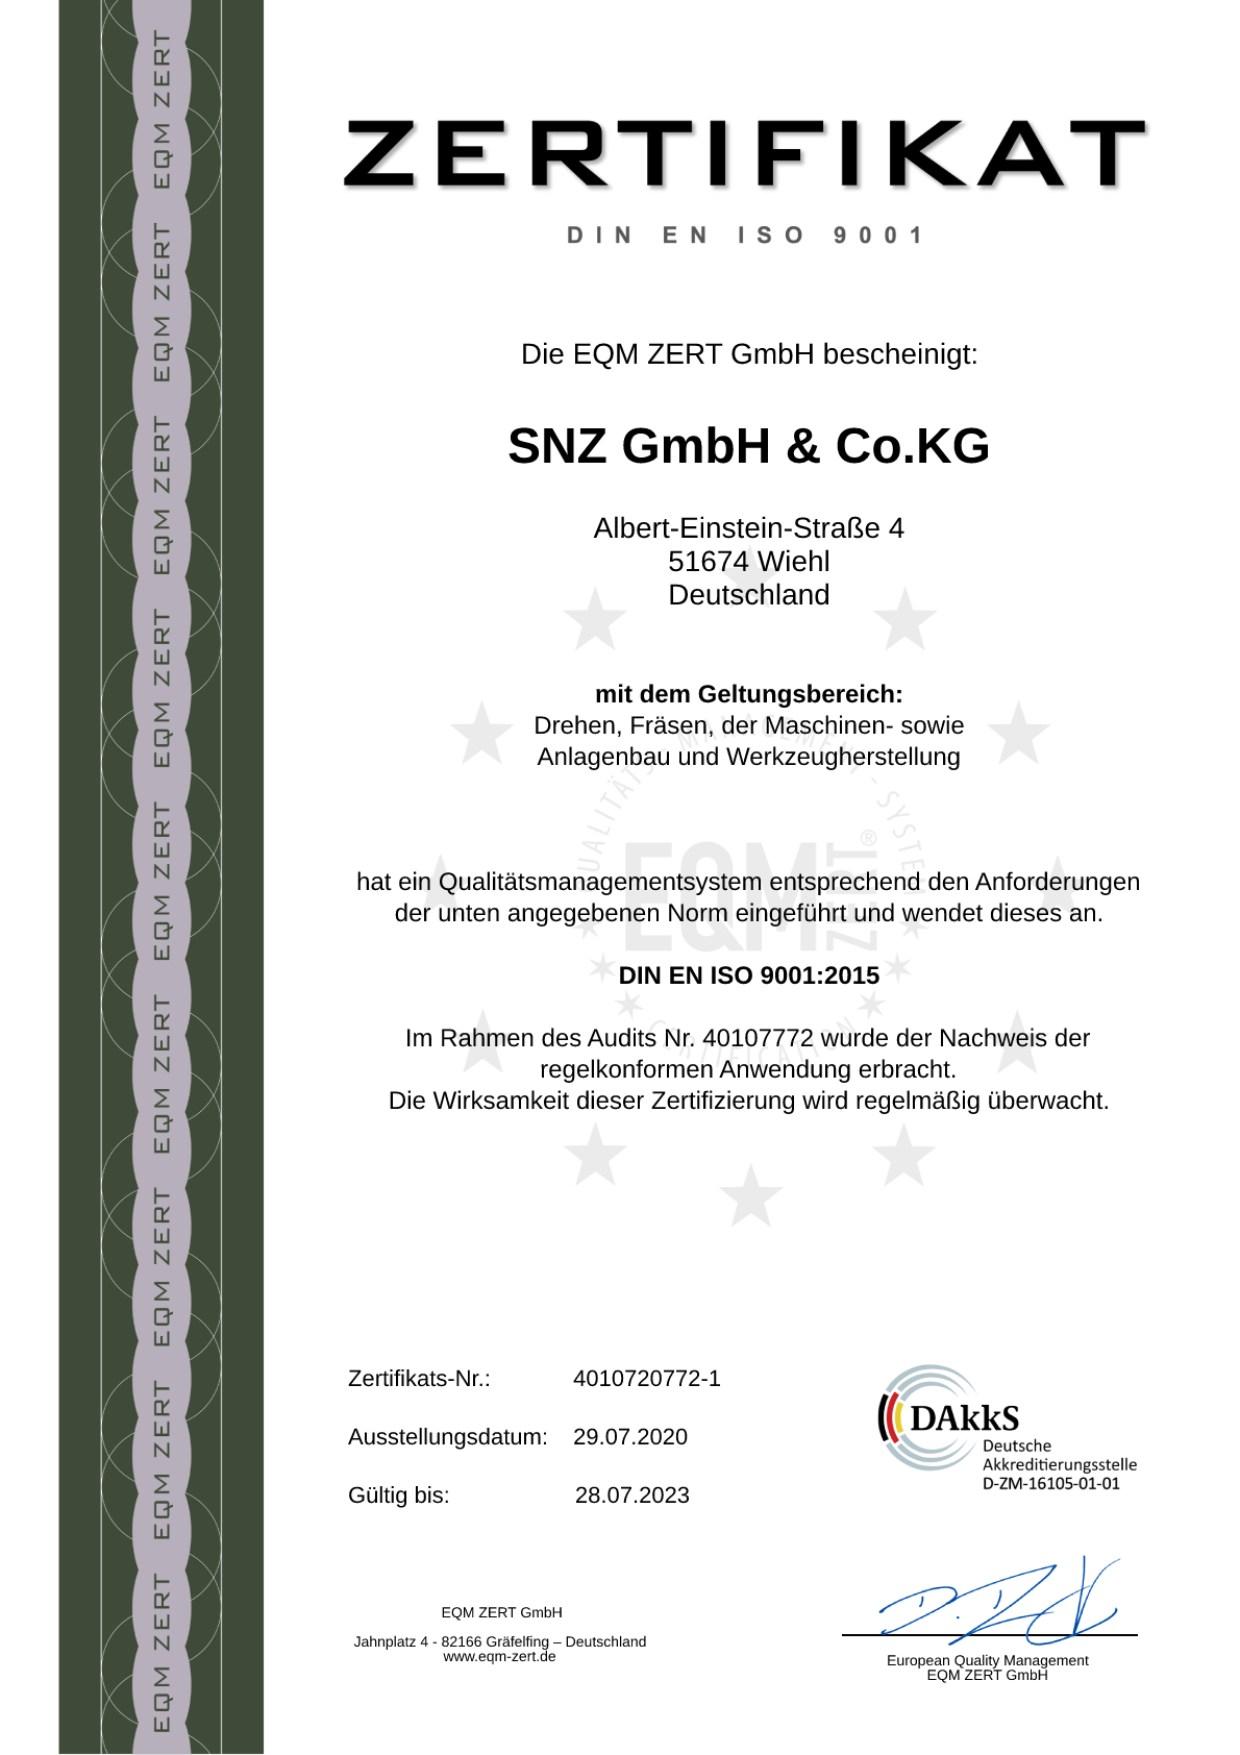 SNZerspanungstechnik - Zertifikat DIN EN ISO 9001 - 2021